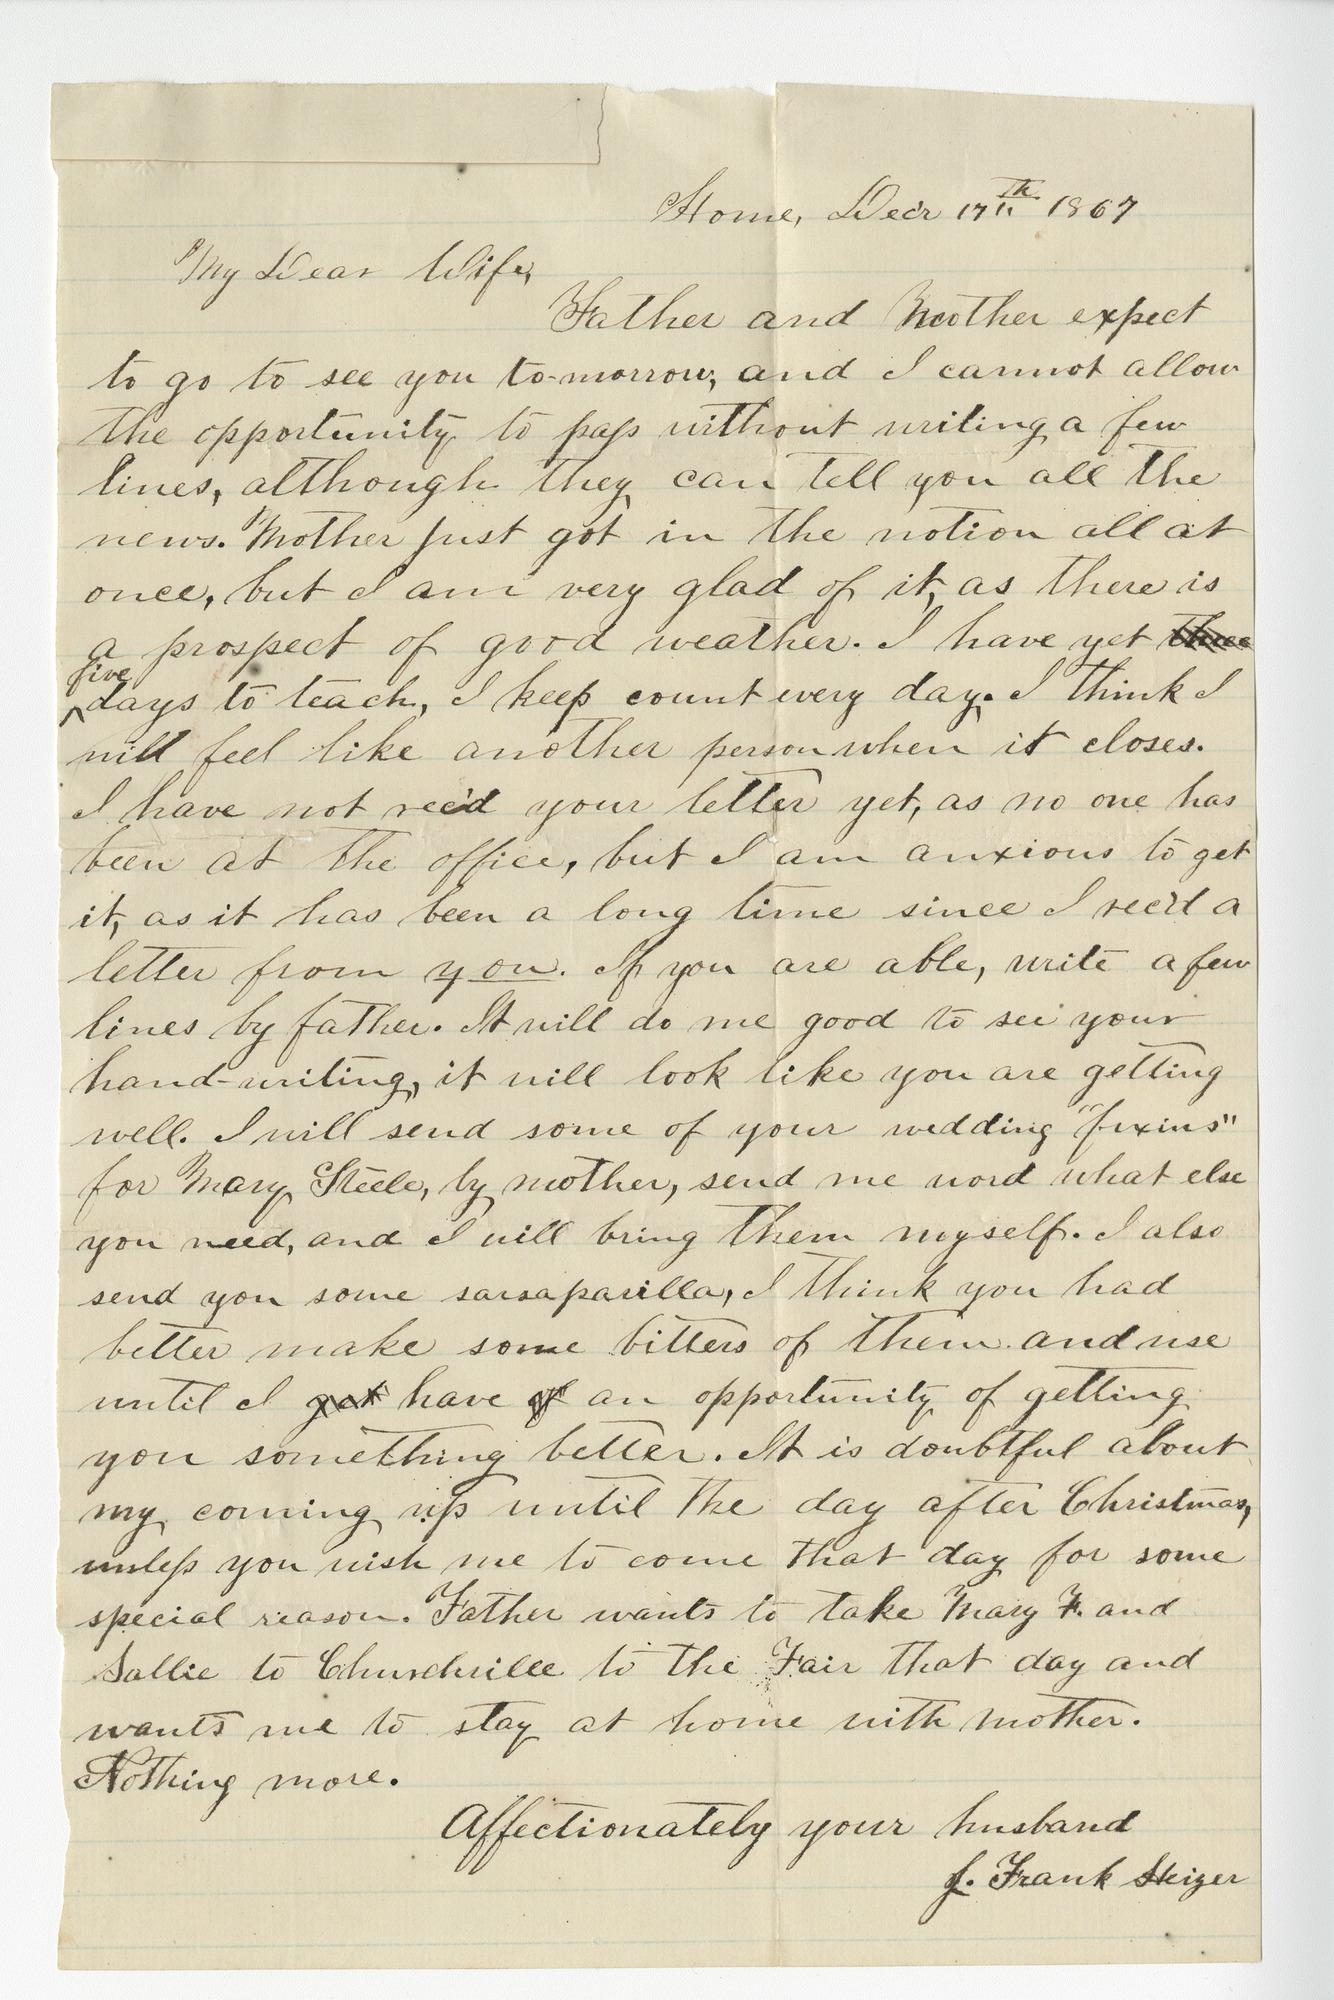 Ms2016-013_HeizerJames_Letter_1867_1217a.jpg